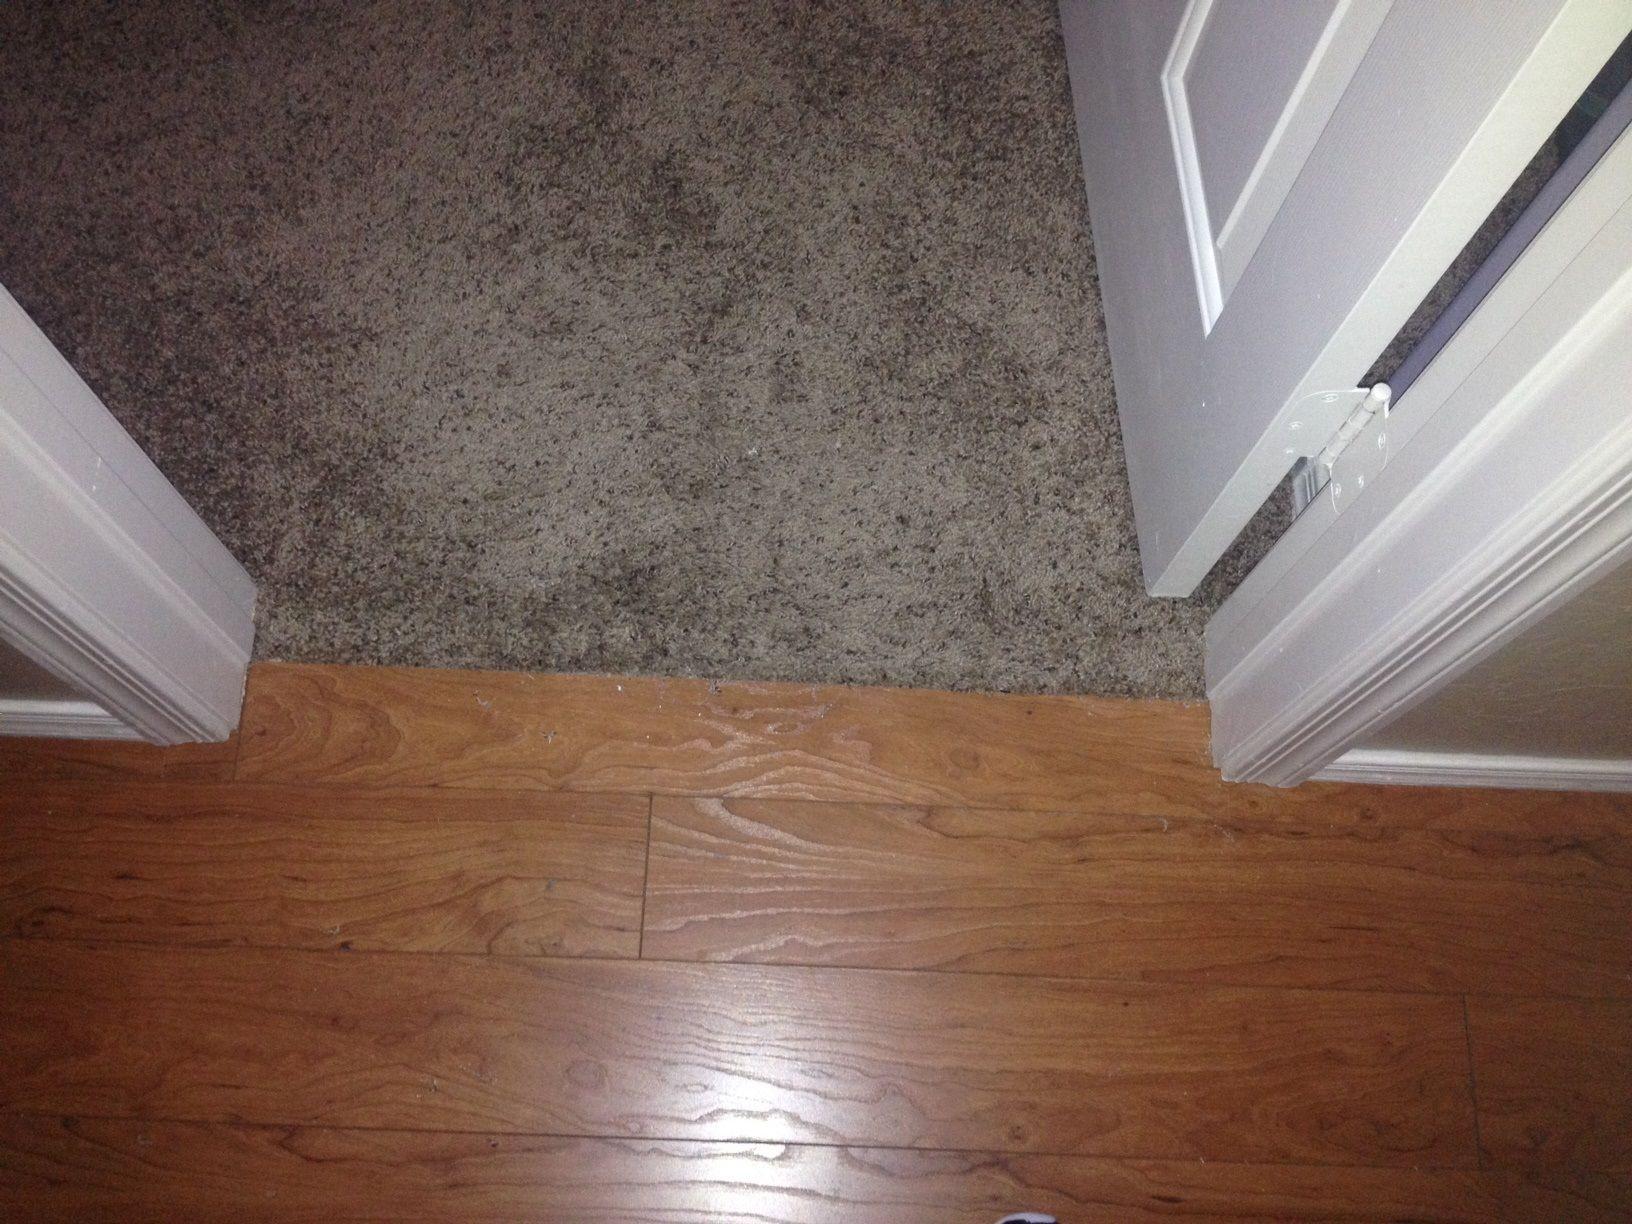 hardwood floor reducer of carpet to hardwood transition favorite renos pinterest carpet throughout carpet to hardwood transition